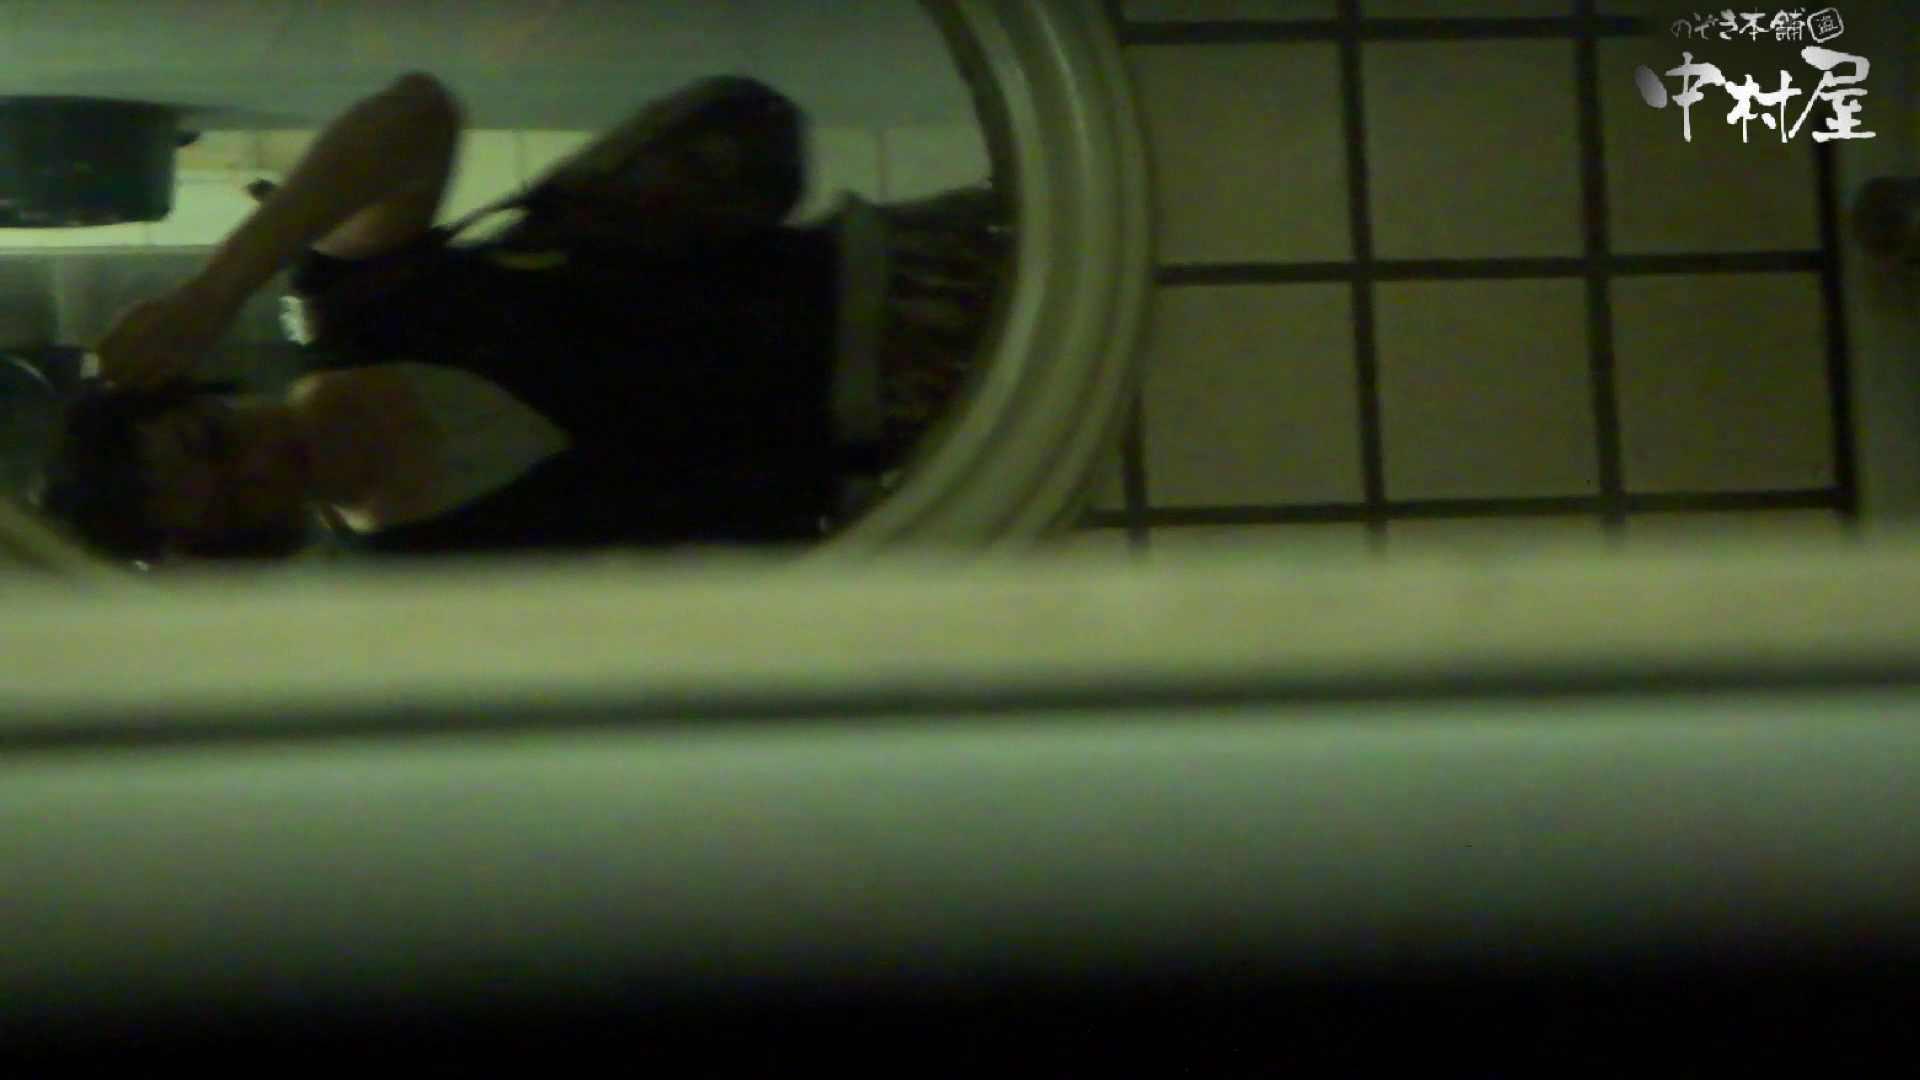 【美人が集まるファッションショッピングセンター洗面所盗SATU】ギャルのツルピカ潜入盗satu!Vol.09 潜入 | ギャルのエロ生活  81連発 76